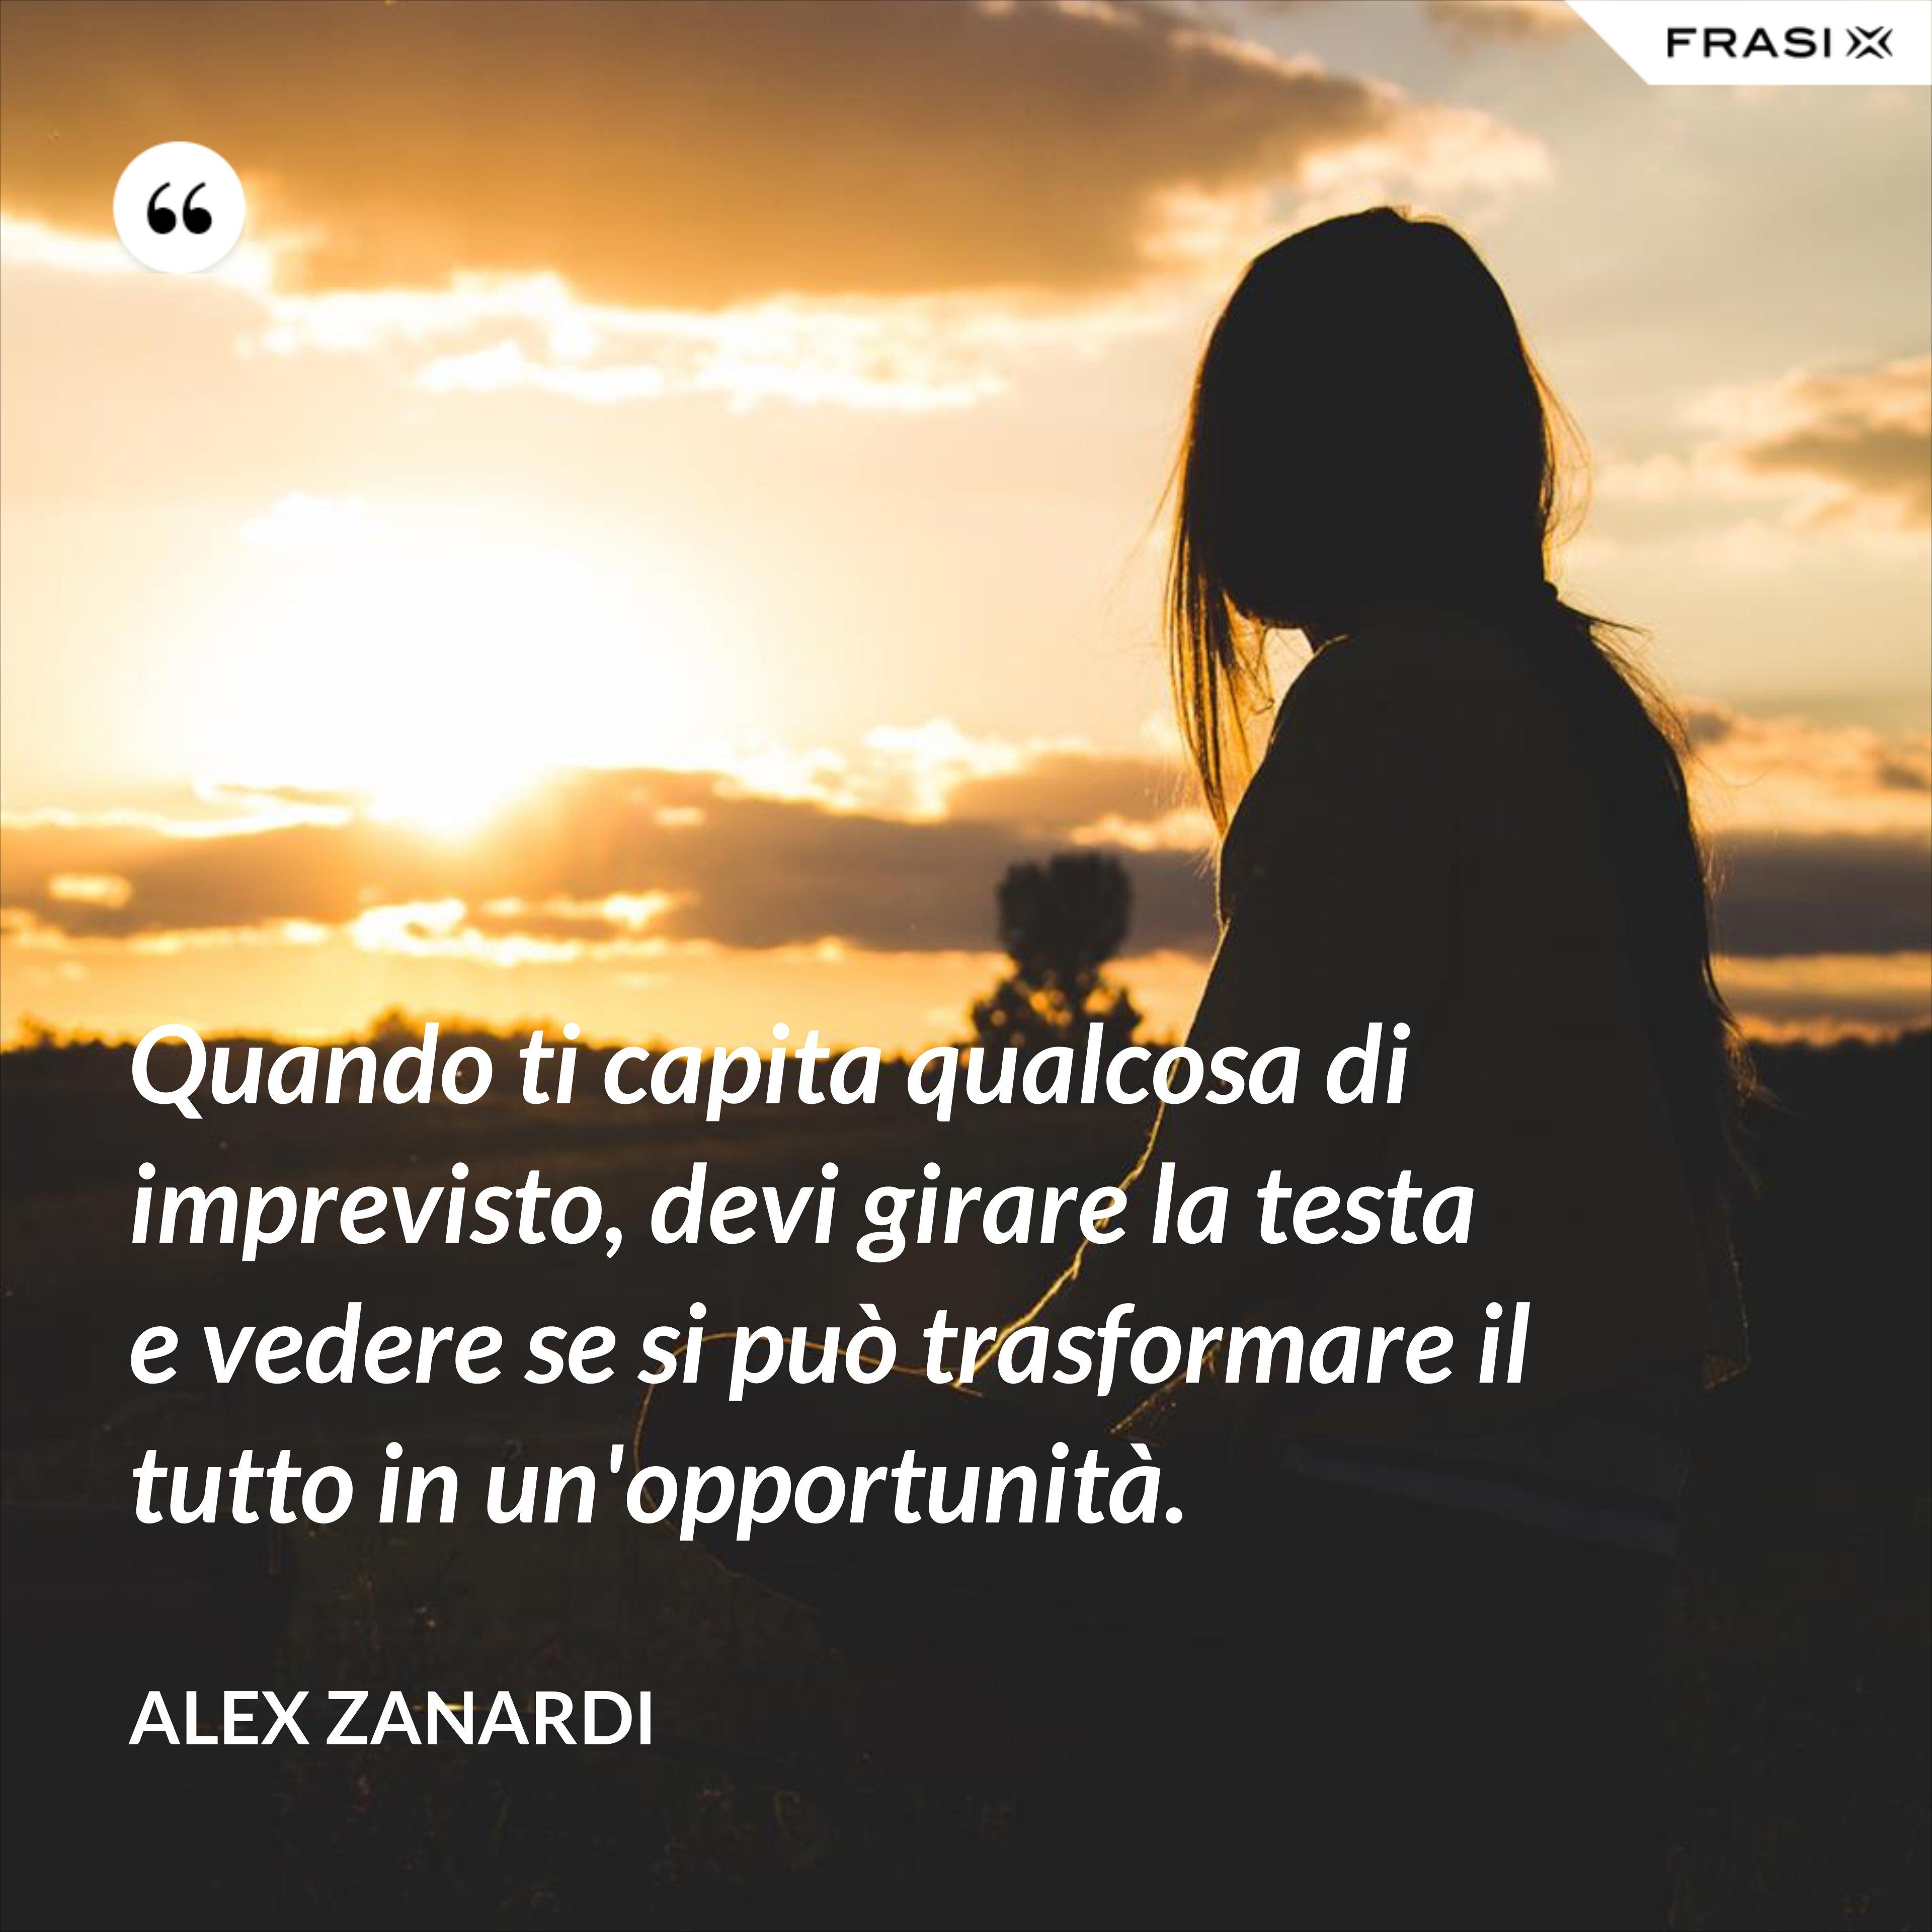 Quando ti capita qualcosa di imprevisto, devi girare la testa e vedere se si può trasformare il tutto in un'opportunità. - Alex Zanardi